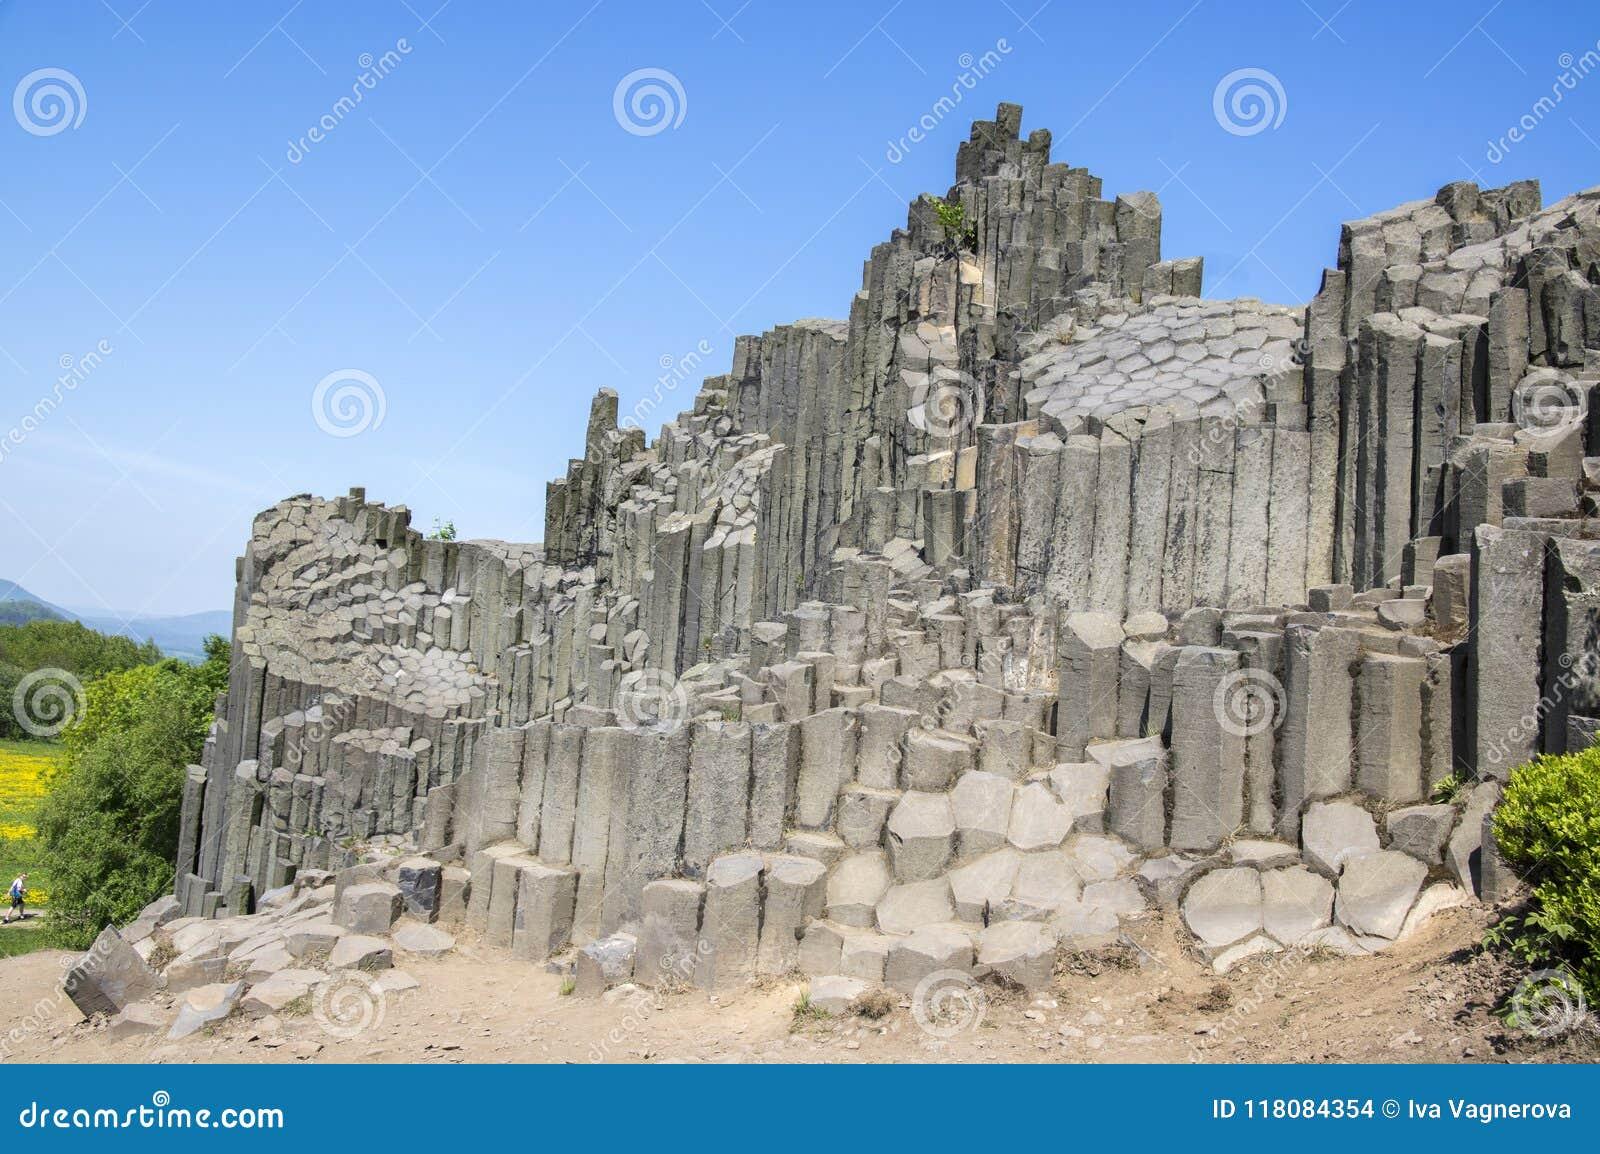 Le monument naturel national a appelé le skala de Panska, roche jointe colomnaire de basalte dans le village de senov de Kamenick